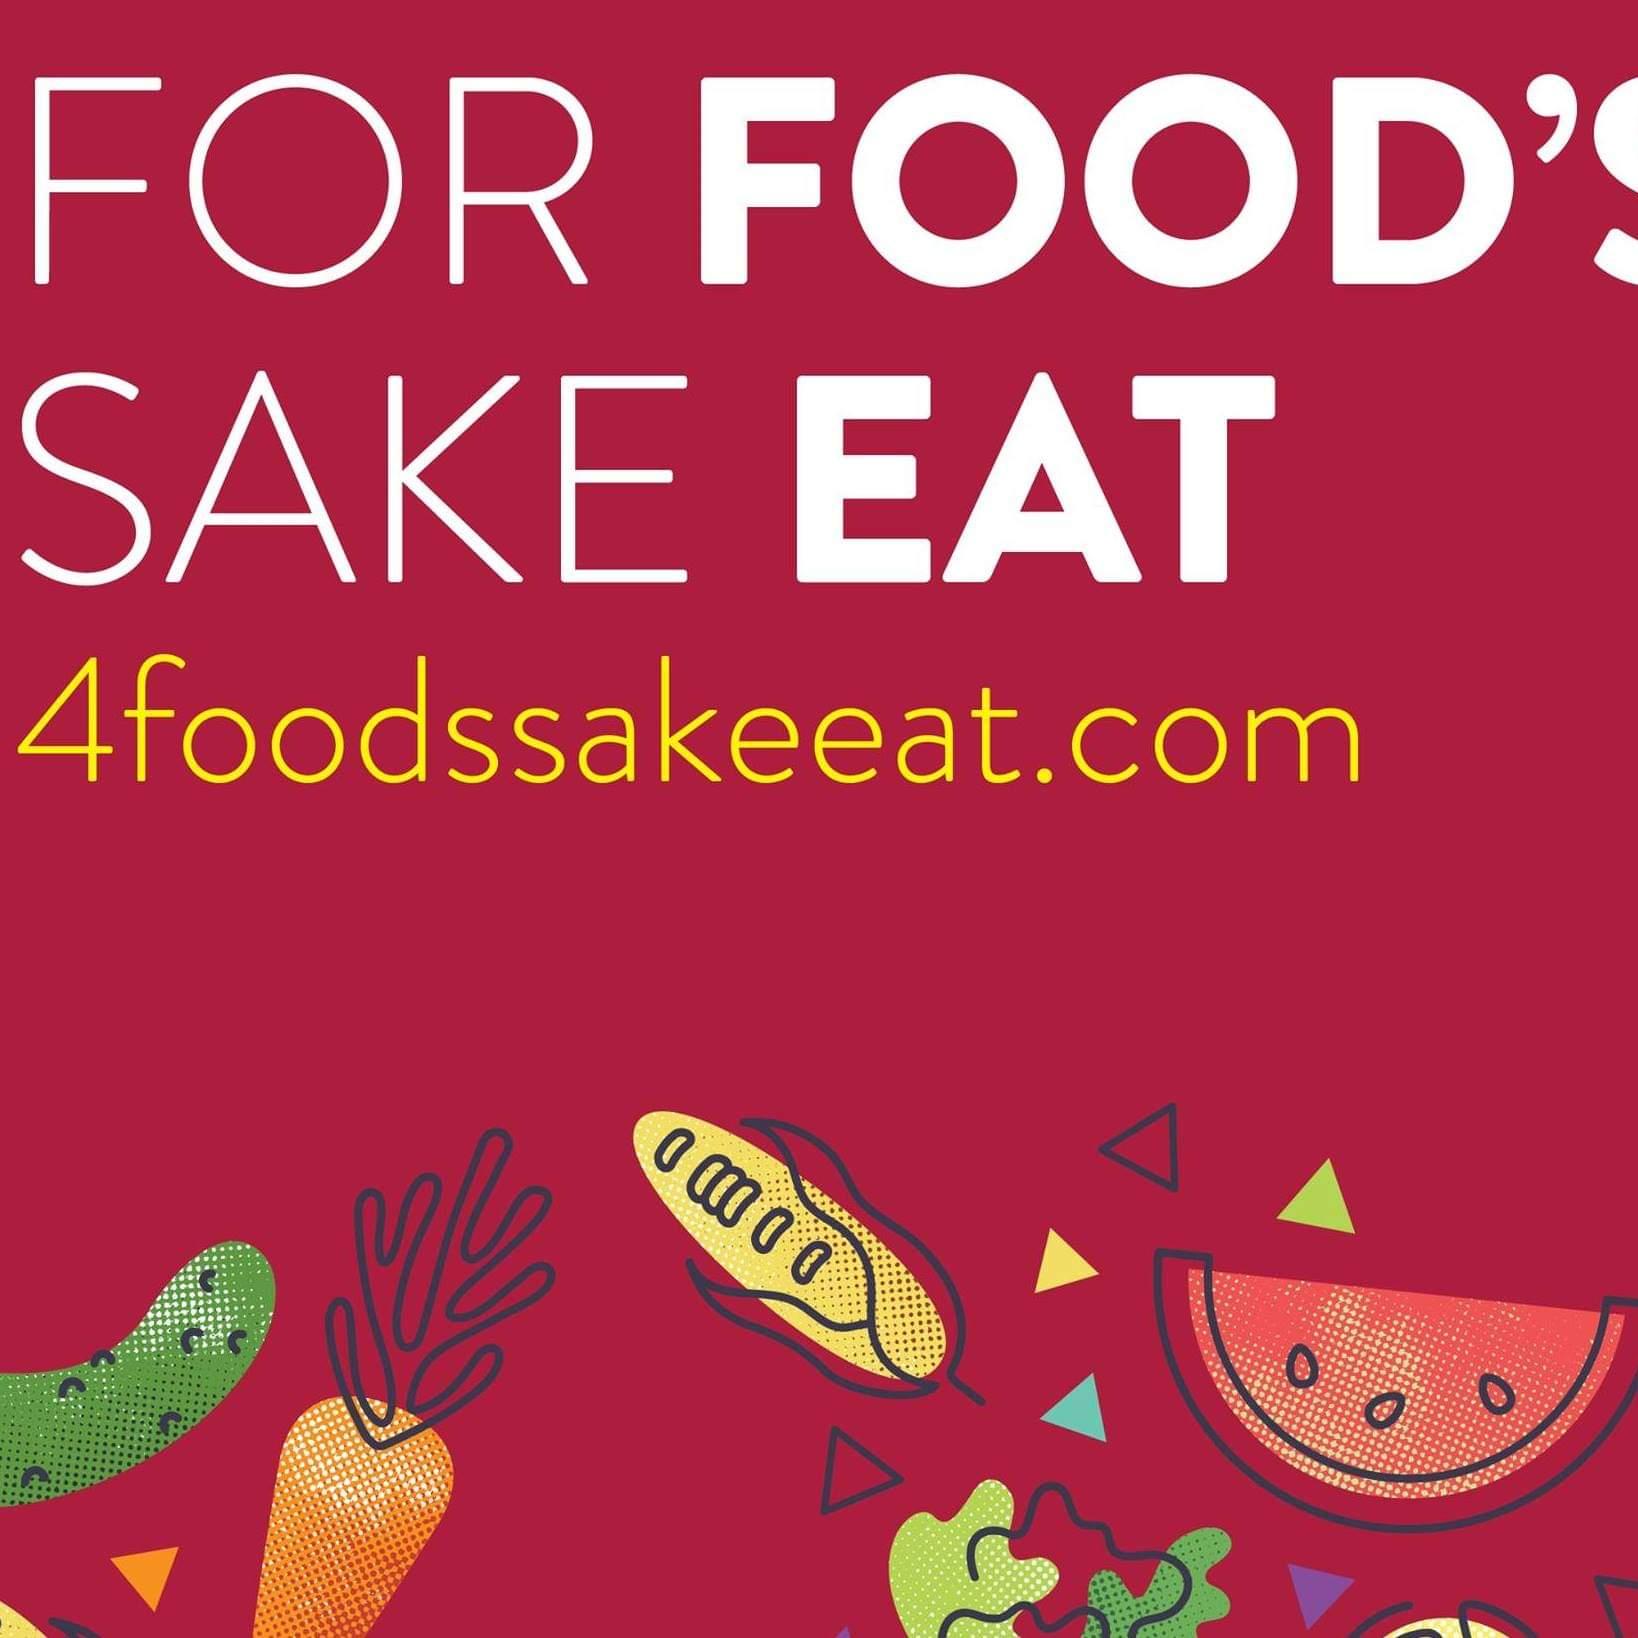 For Food's Sake Eat!